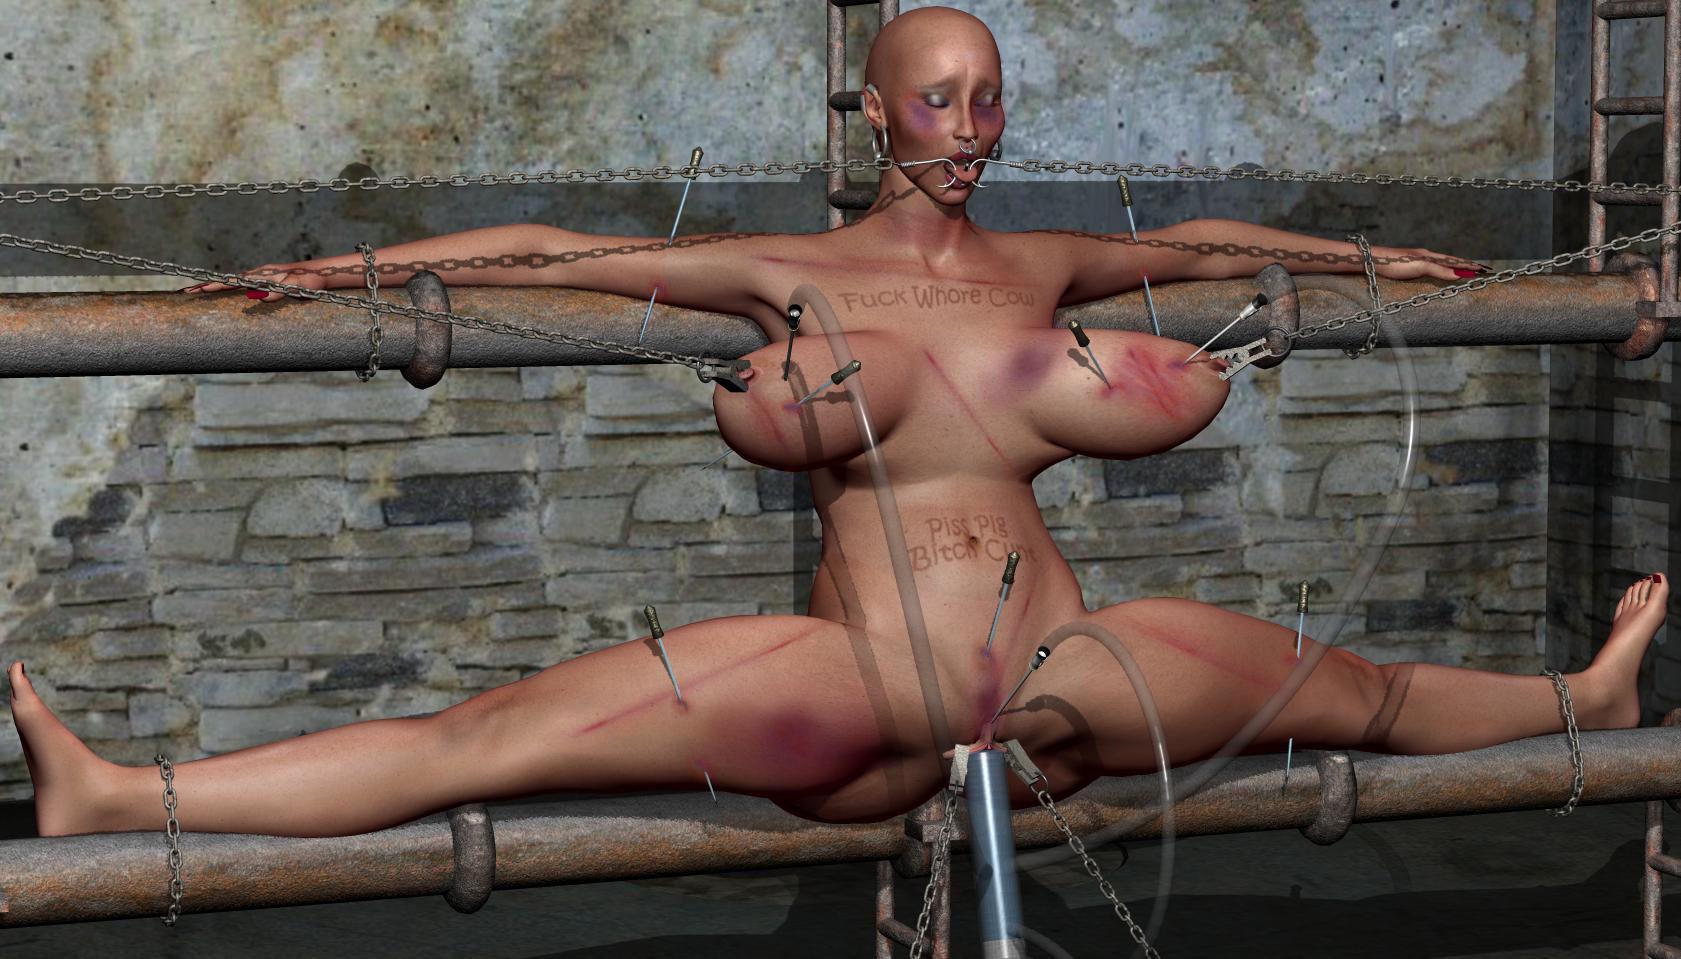 Эротические рассказы про казнь, Все рассказы про: «Казнь и пытки» Эротические 2 фотография